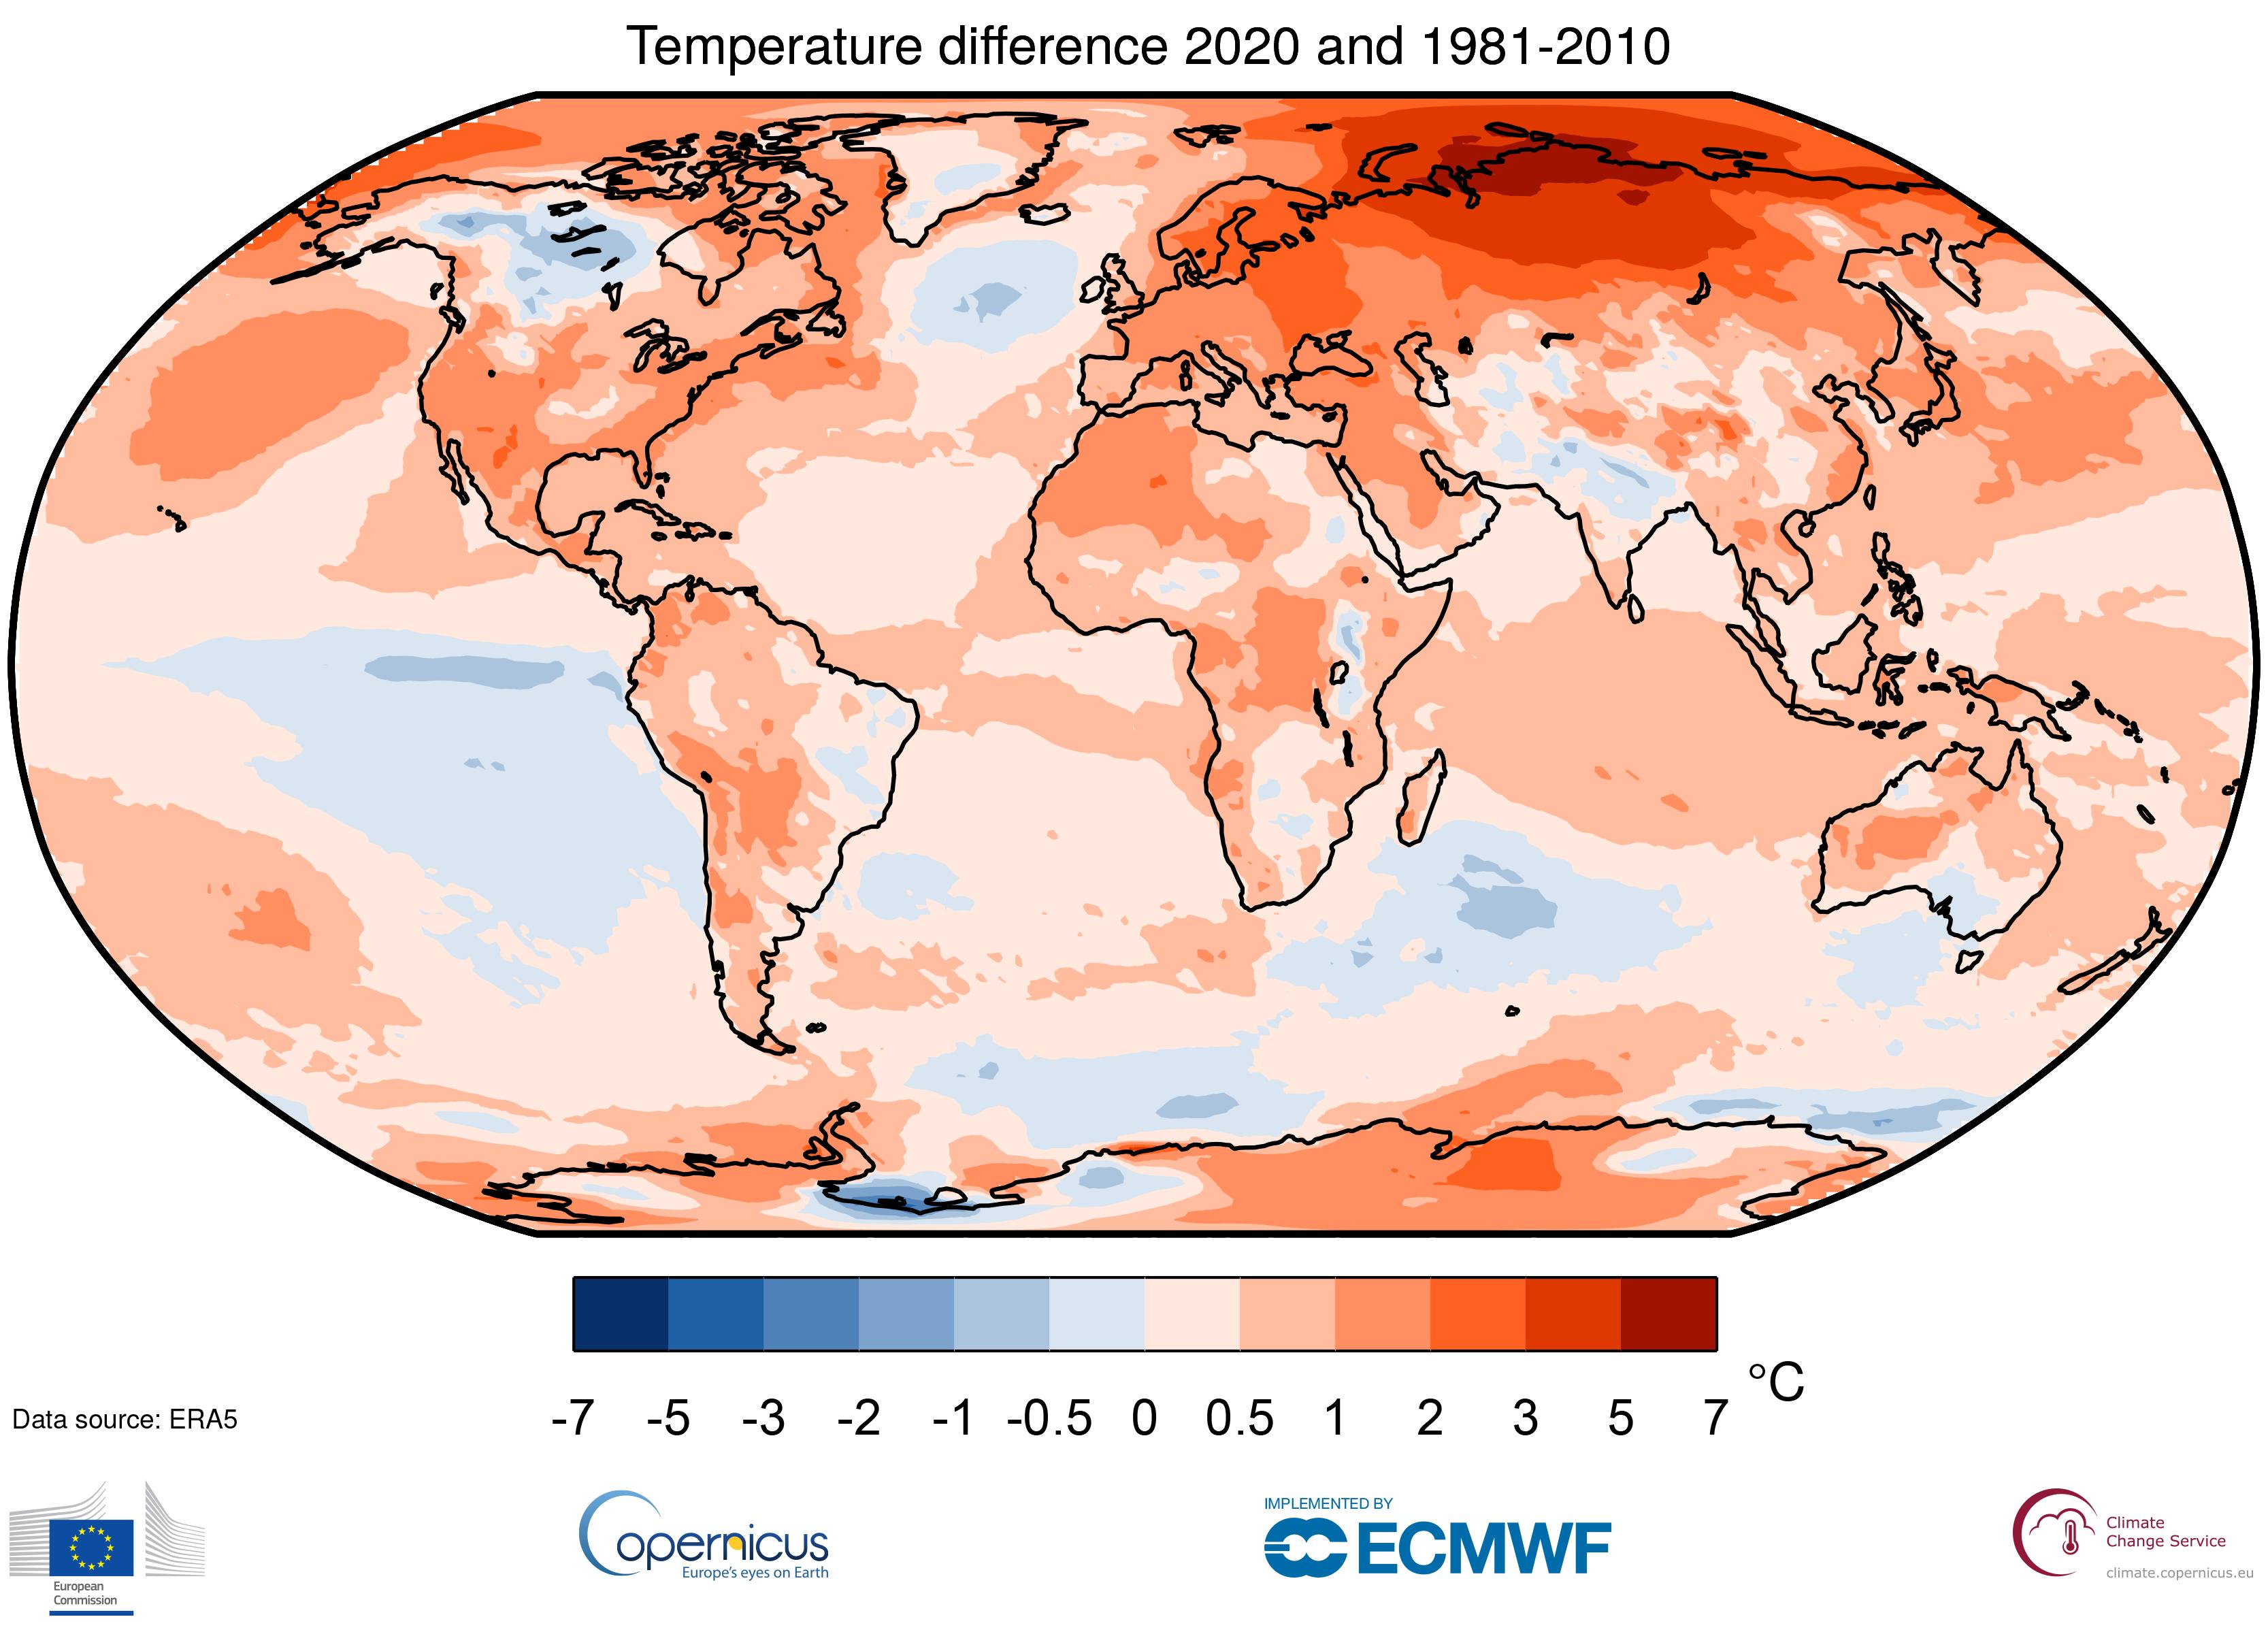 """""""Es geht nicht um ein Jahr, es geht um den Trend"""": Rockström zu Wärmerekord 2020"""